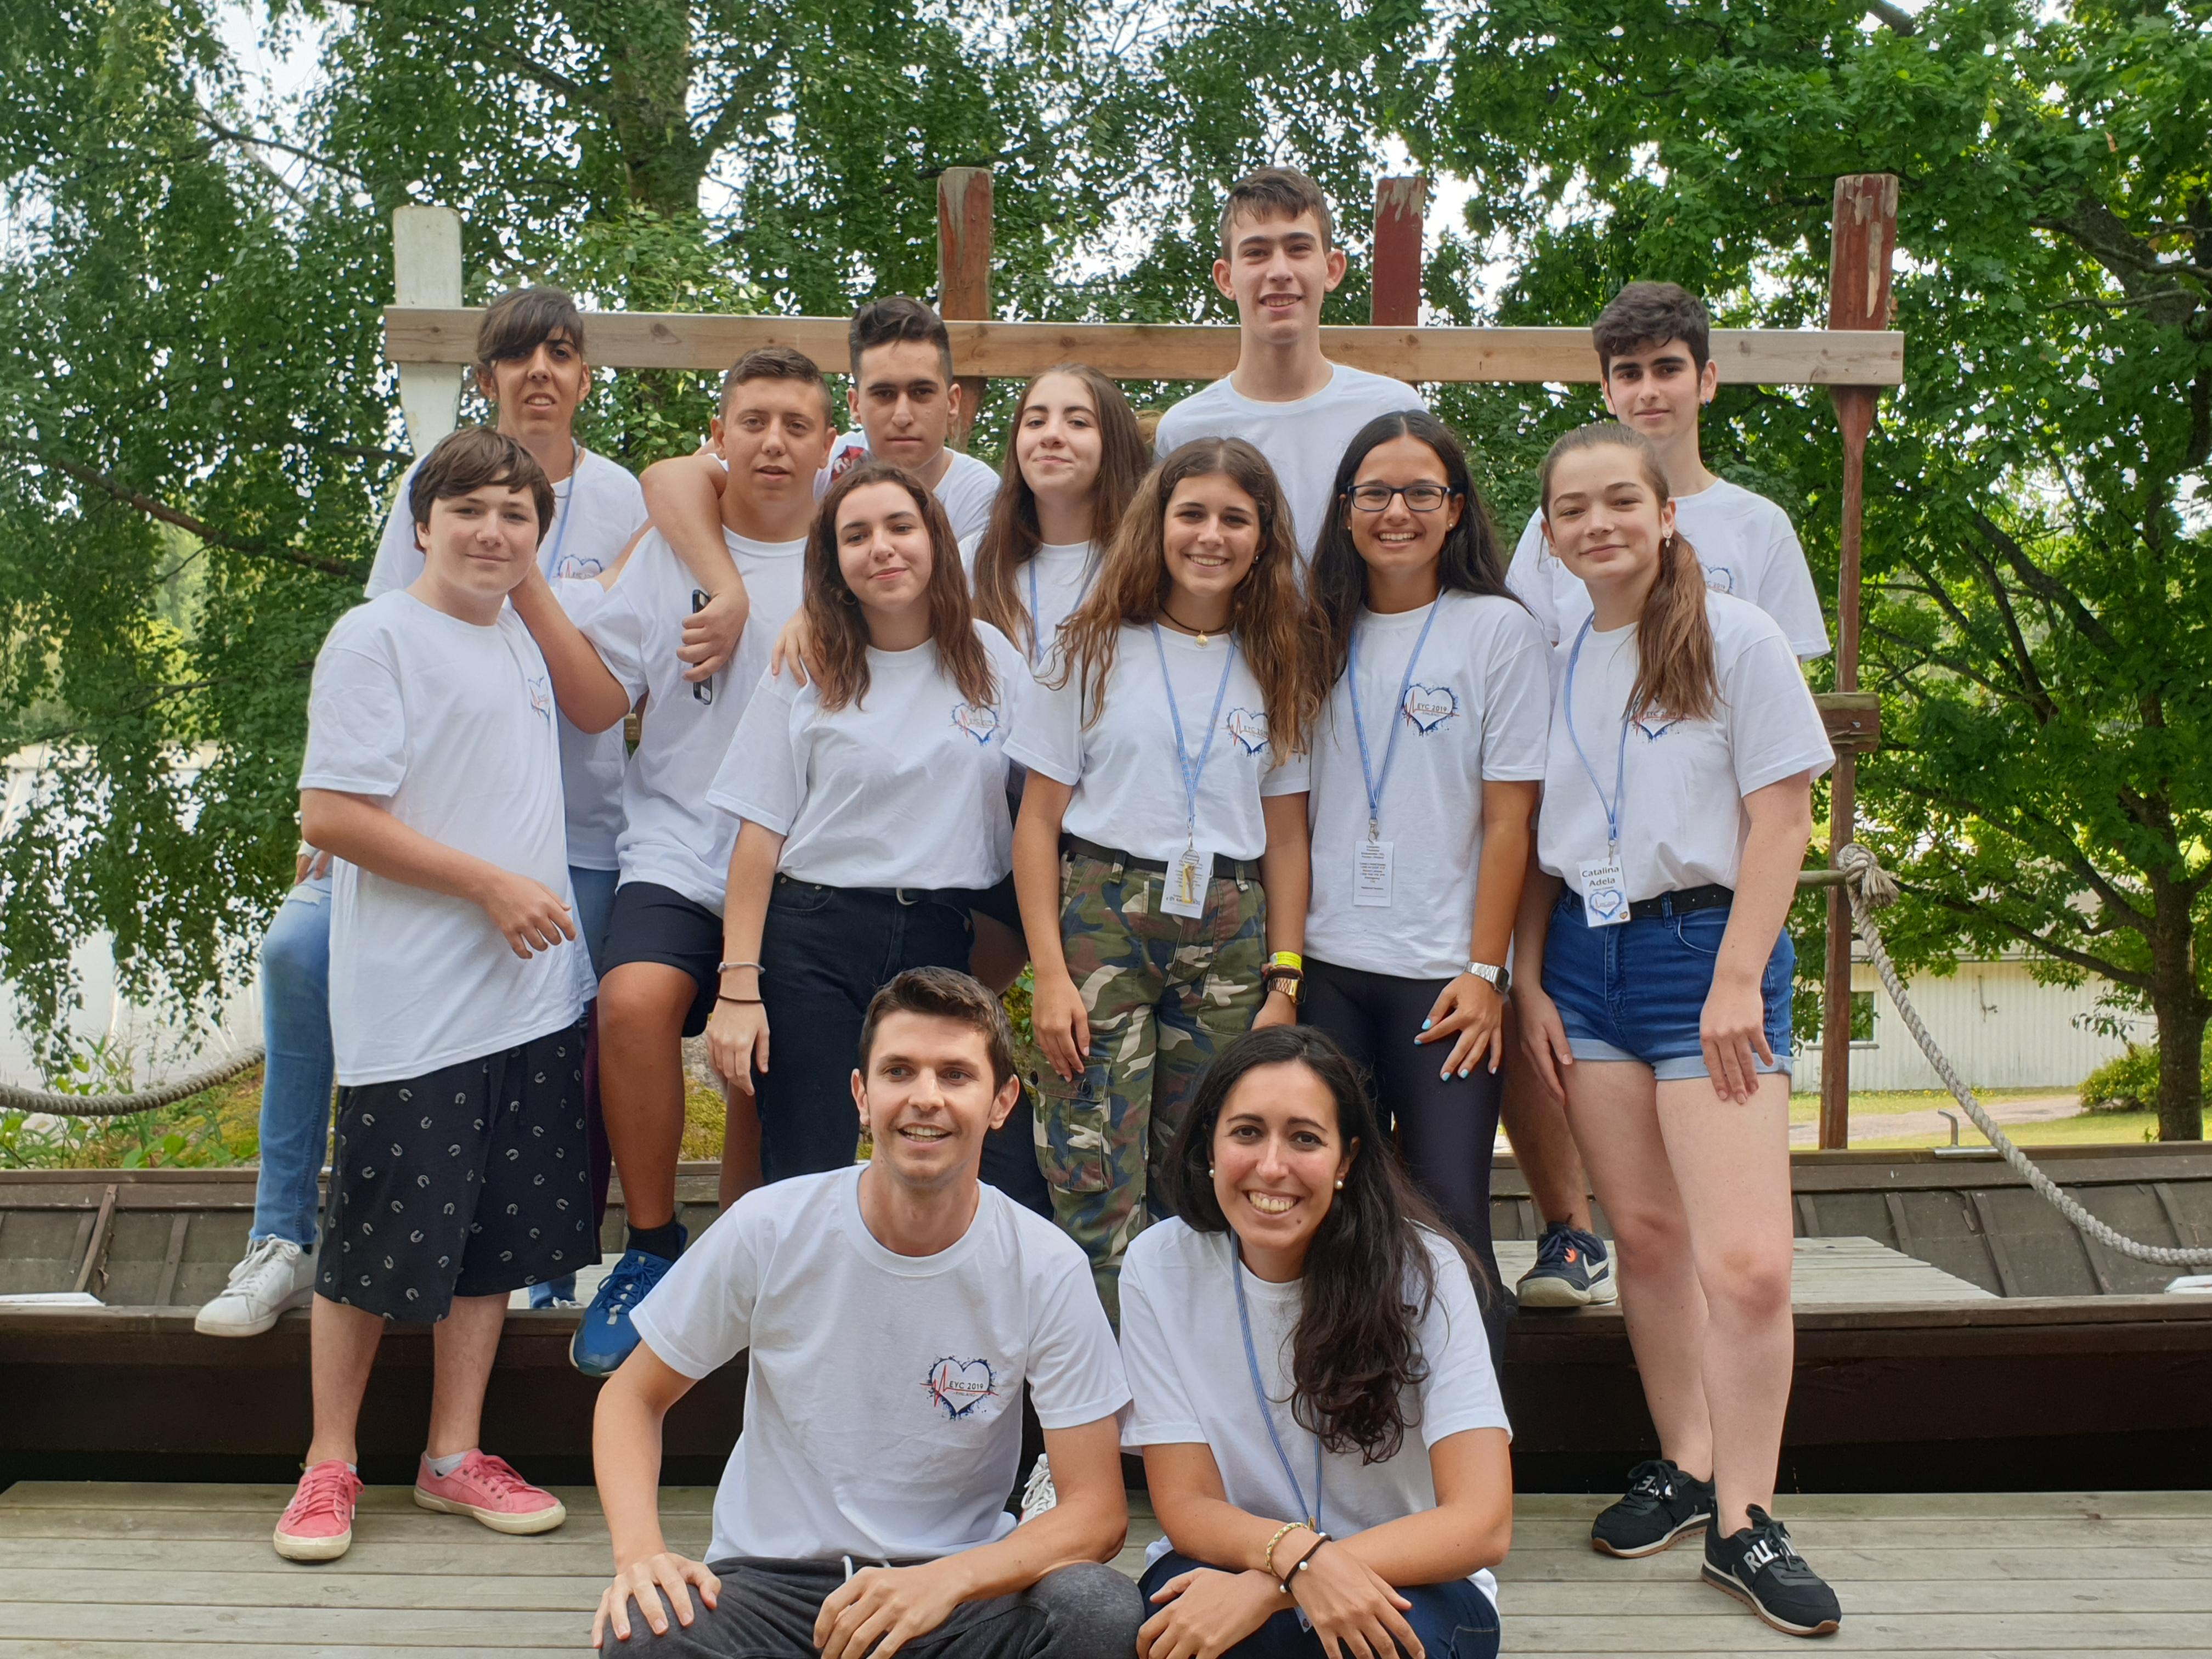 Campamento Europeo para Jóvenes, 2019 - Menudos Corazones